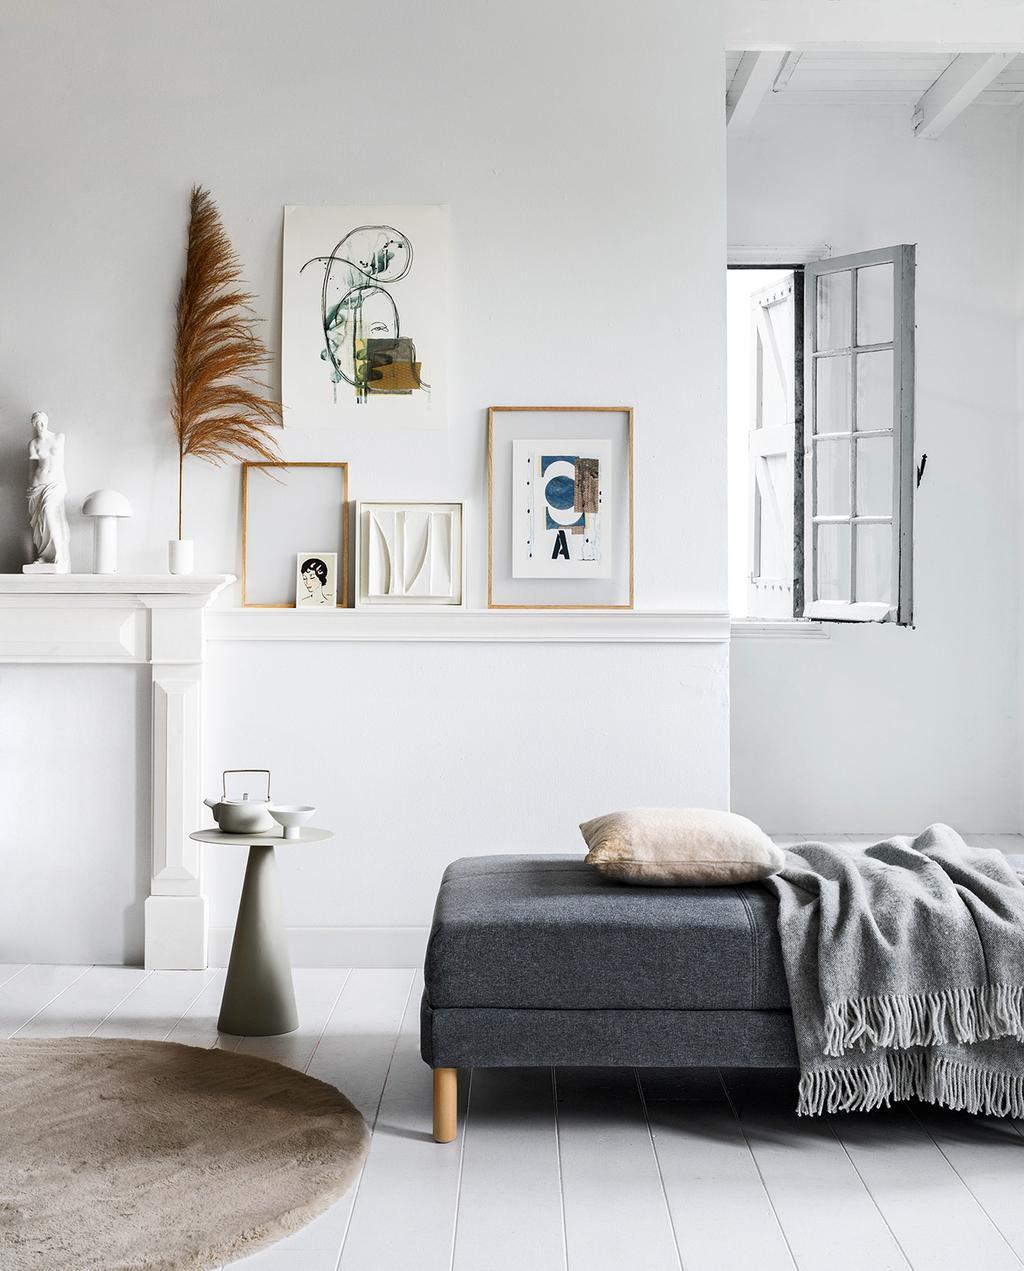 vtwonen 2020-03 | Scandinavische woonkamer met betaalbare posters aan de wand en een grijze bank